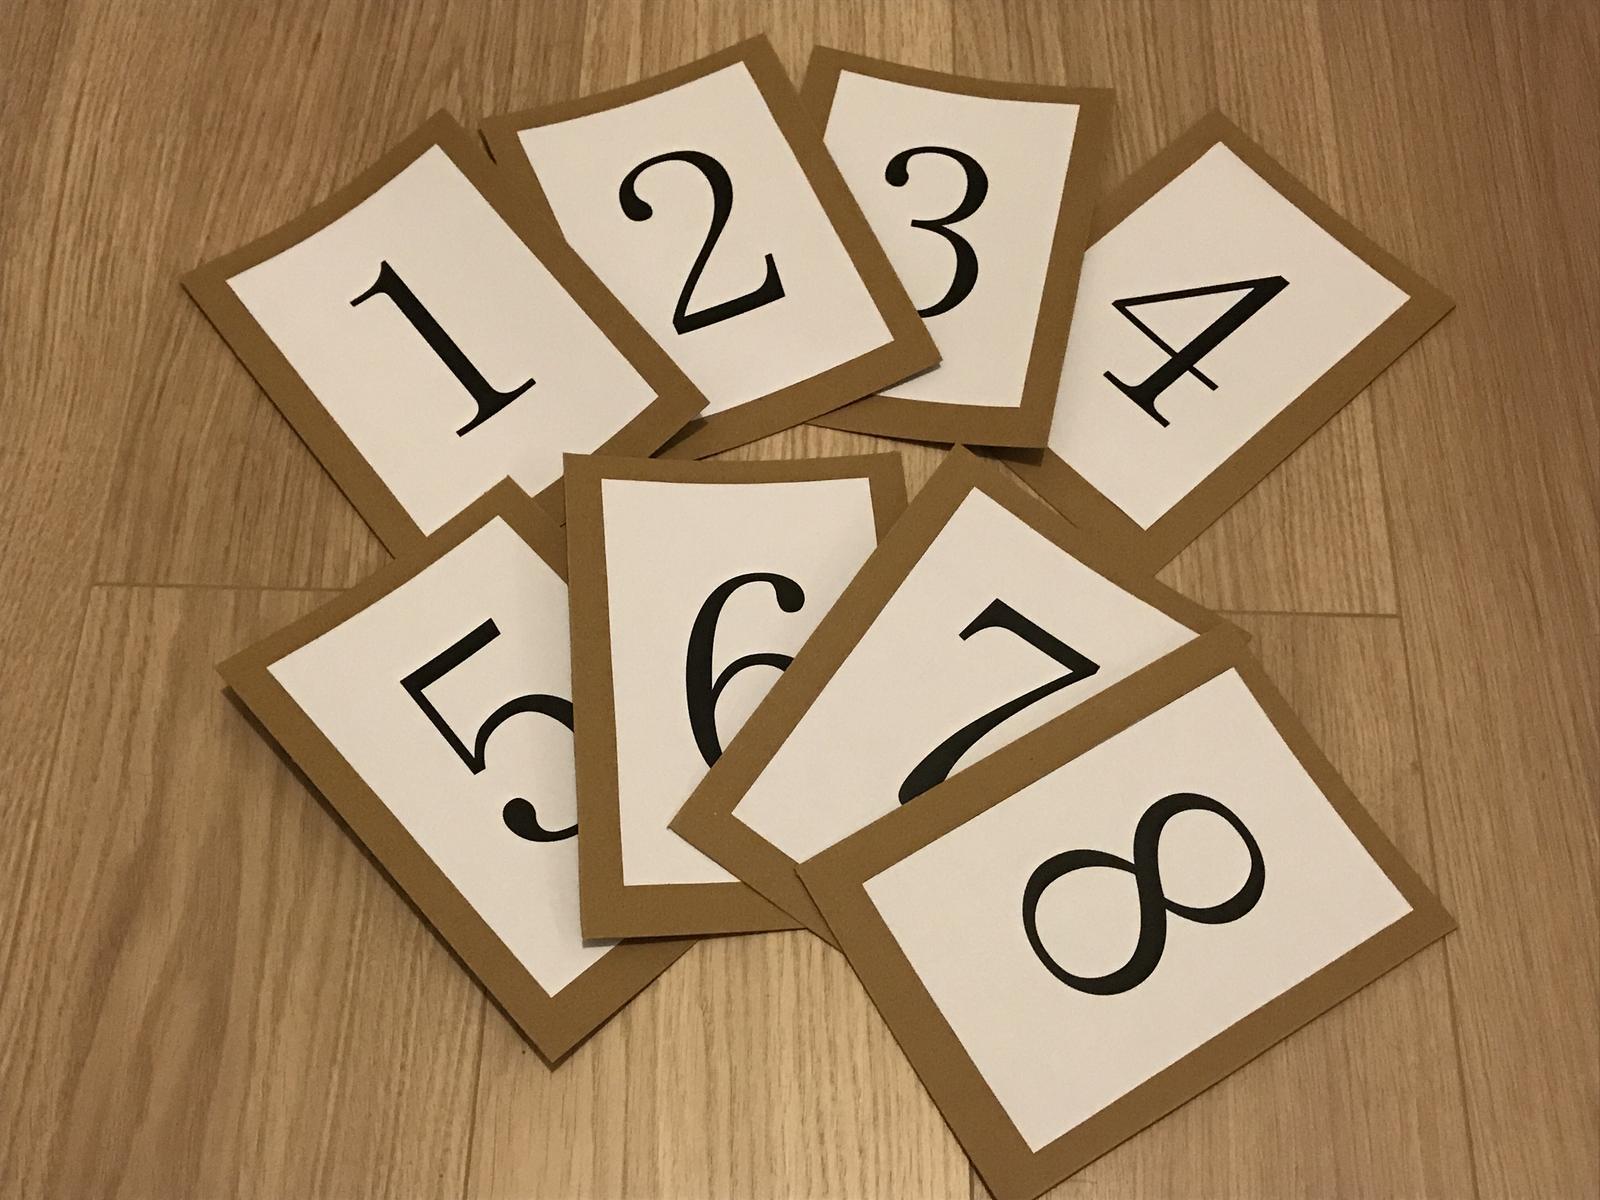 Čísla na stoly - Obrázek č. 1